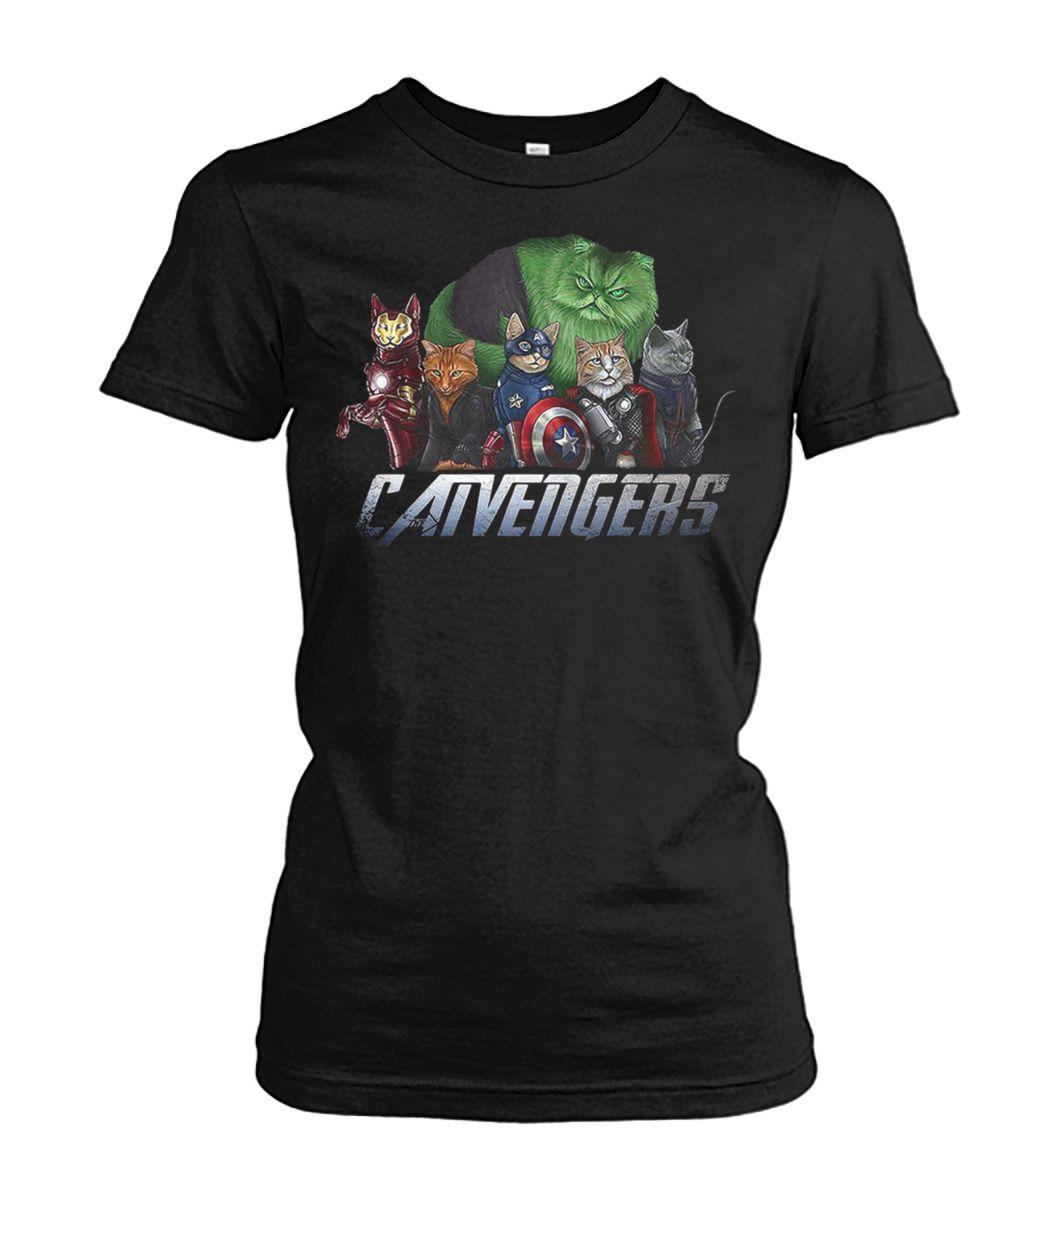 [Hot version] Marvel avengers endgame mickeyvengers mickey shirt